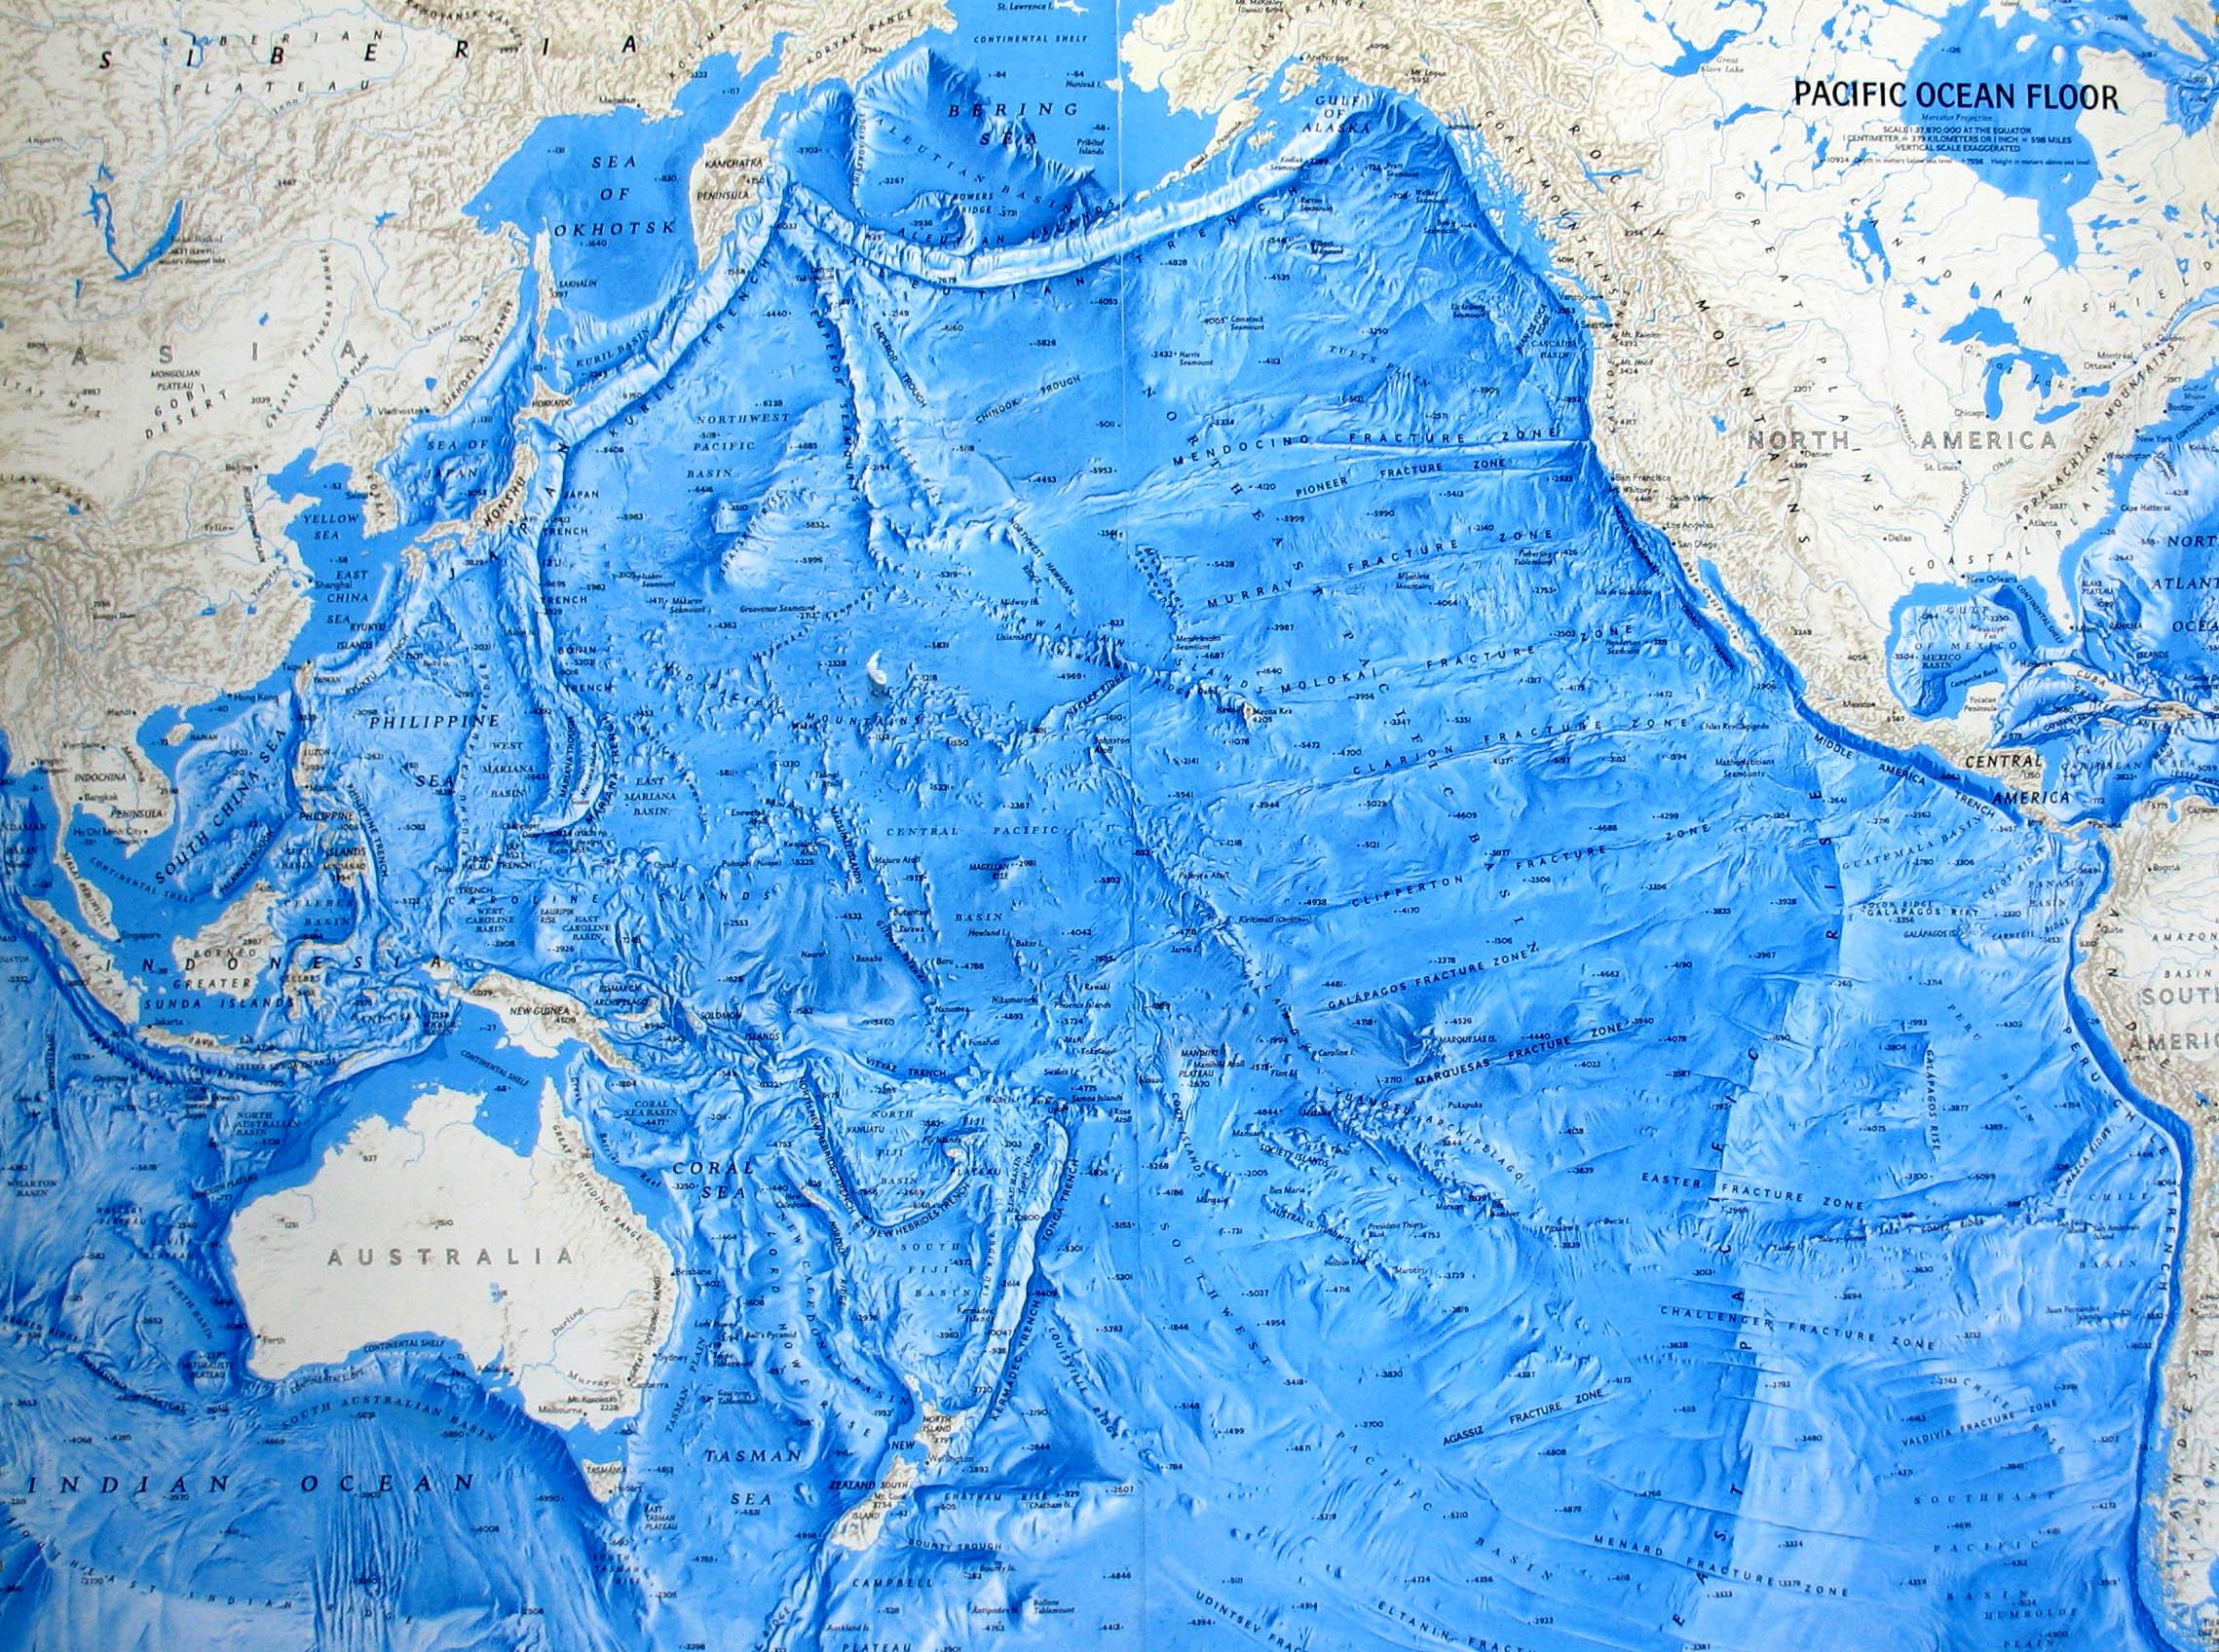 Pacific Ocean Map Relief Of The Oceanic Floor